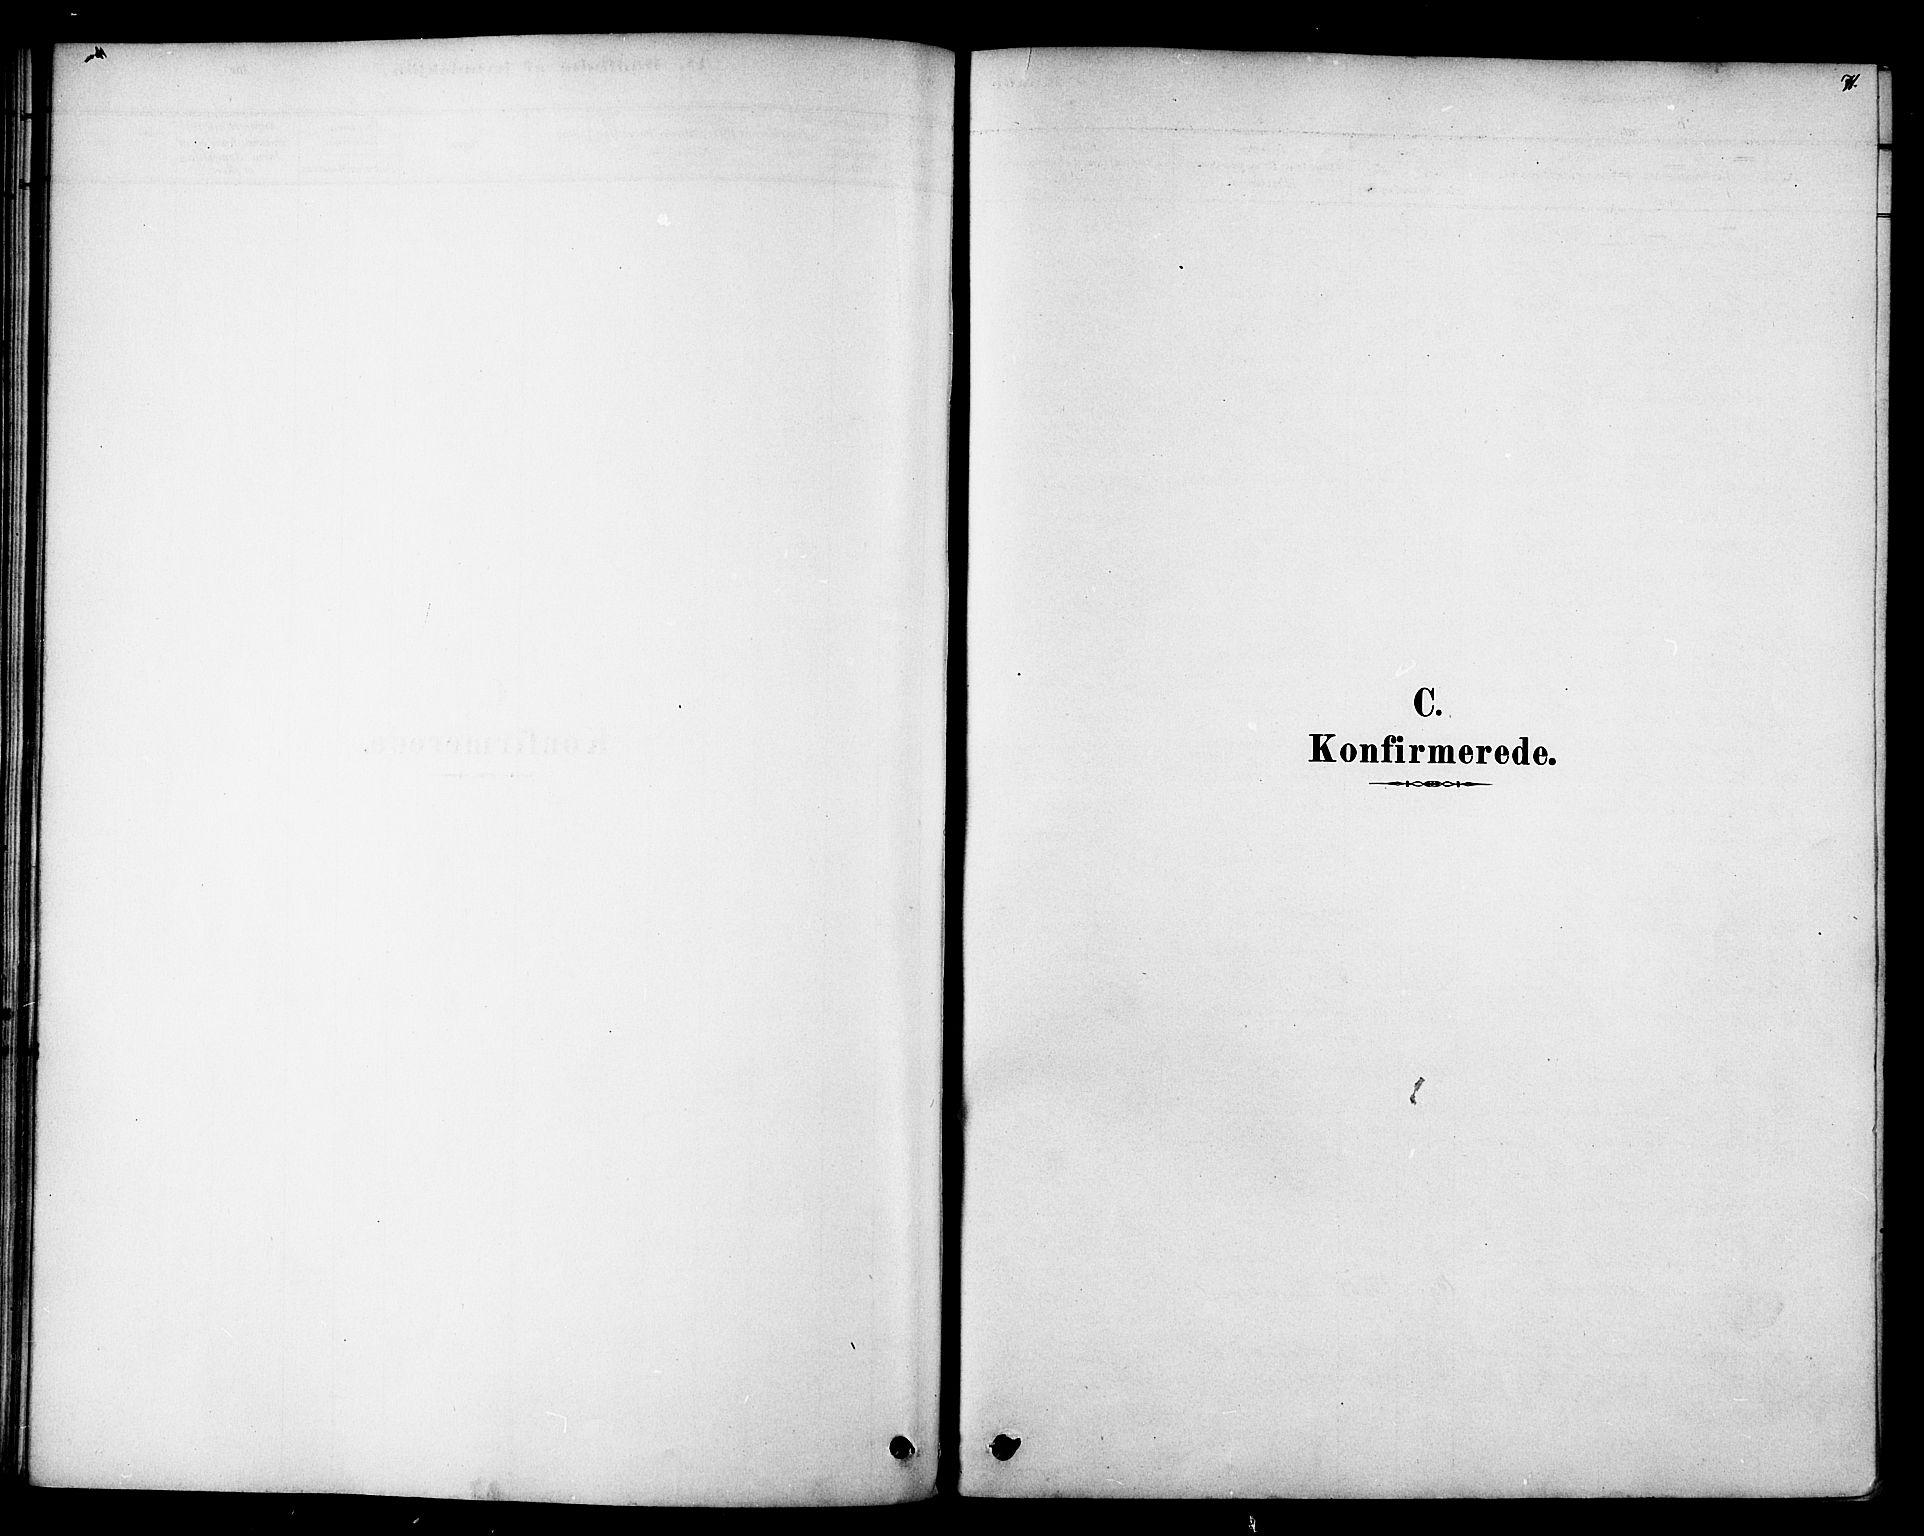 SAT, Ministerialprotokoller, klokkerbøker og fødselsregistre - Sør-Trøndelag, 692/L1105: Ministerialbok nr. 692A05, 1878-1890, s. 71